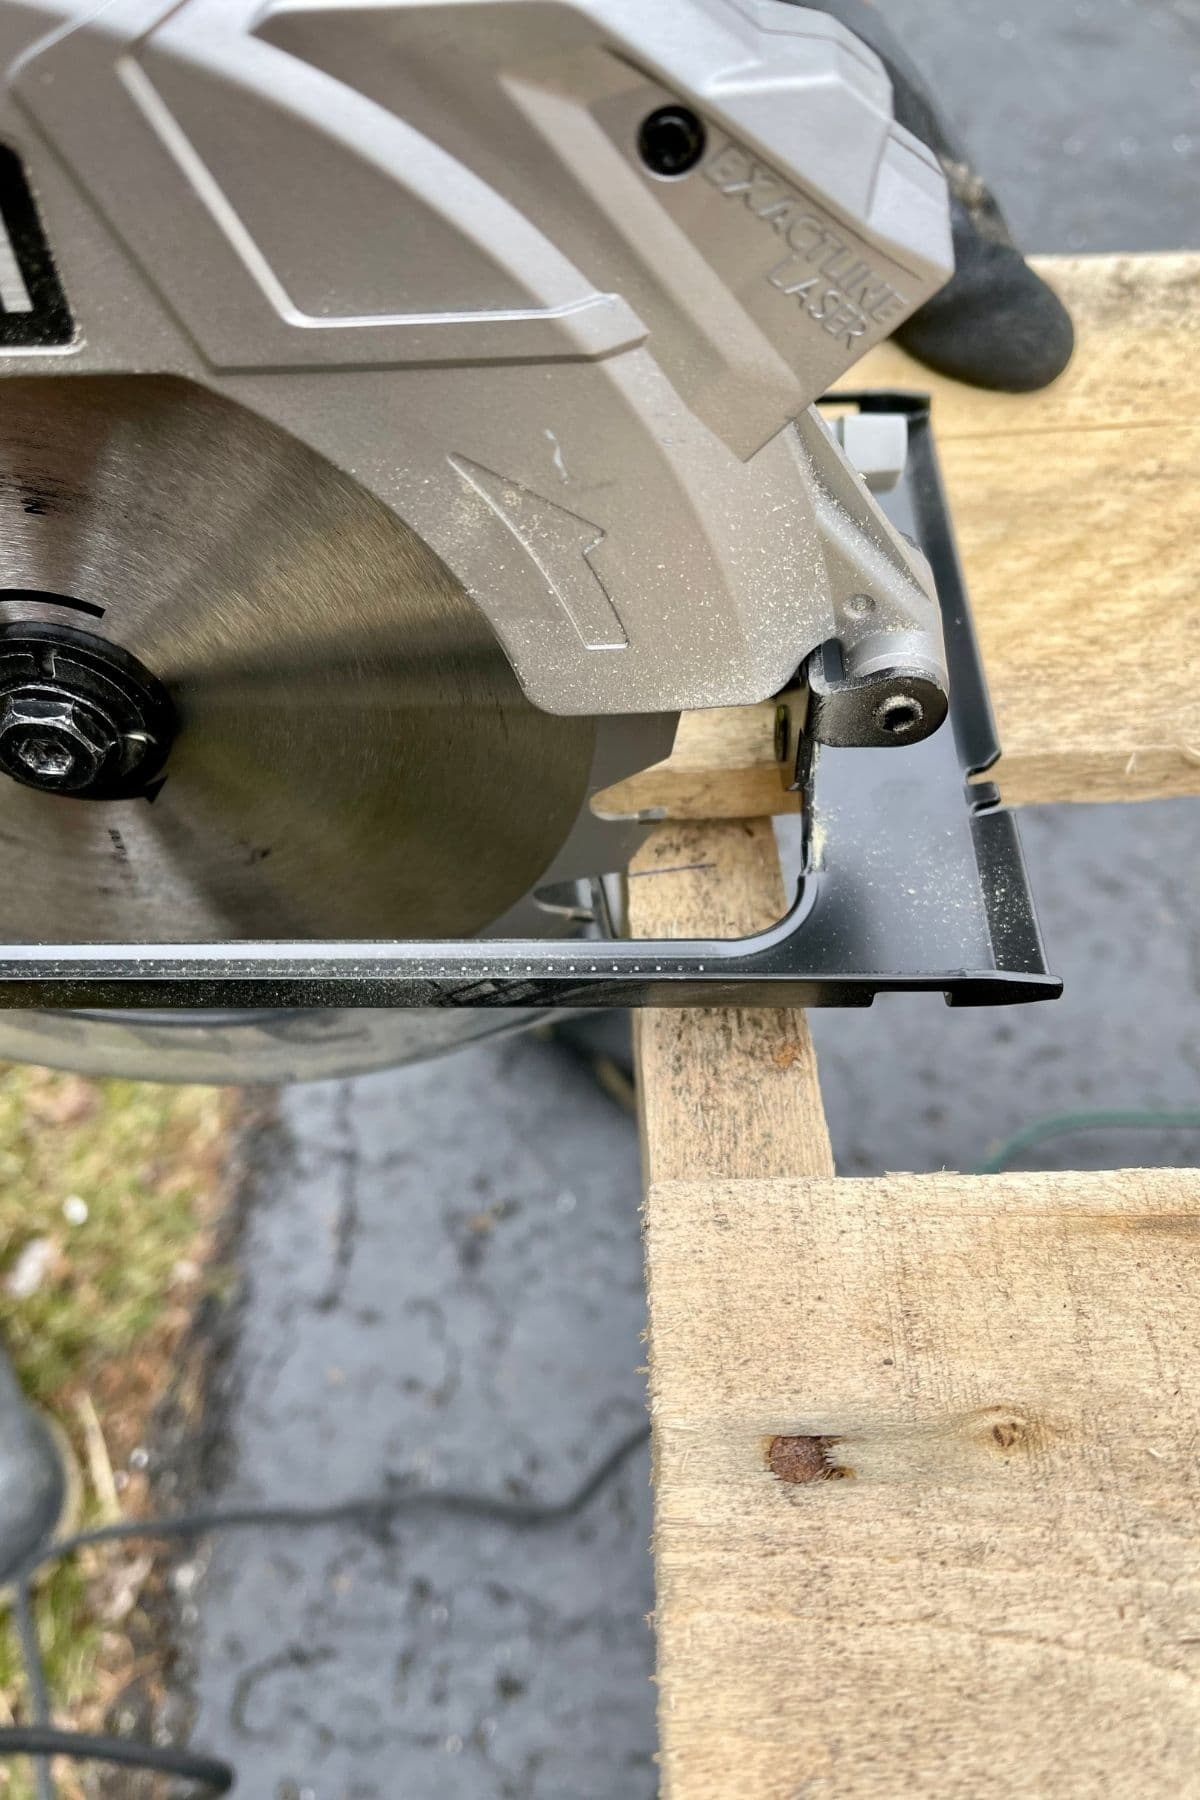 Using circular saw on pallet